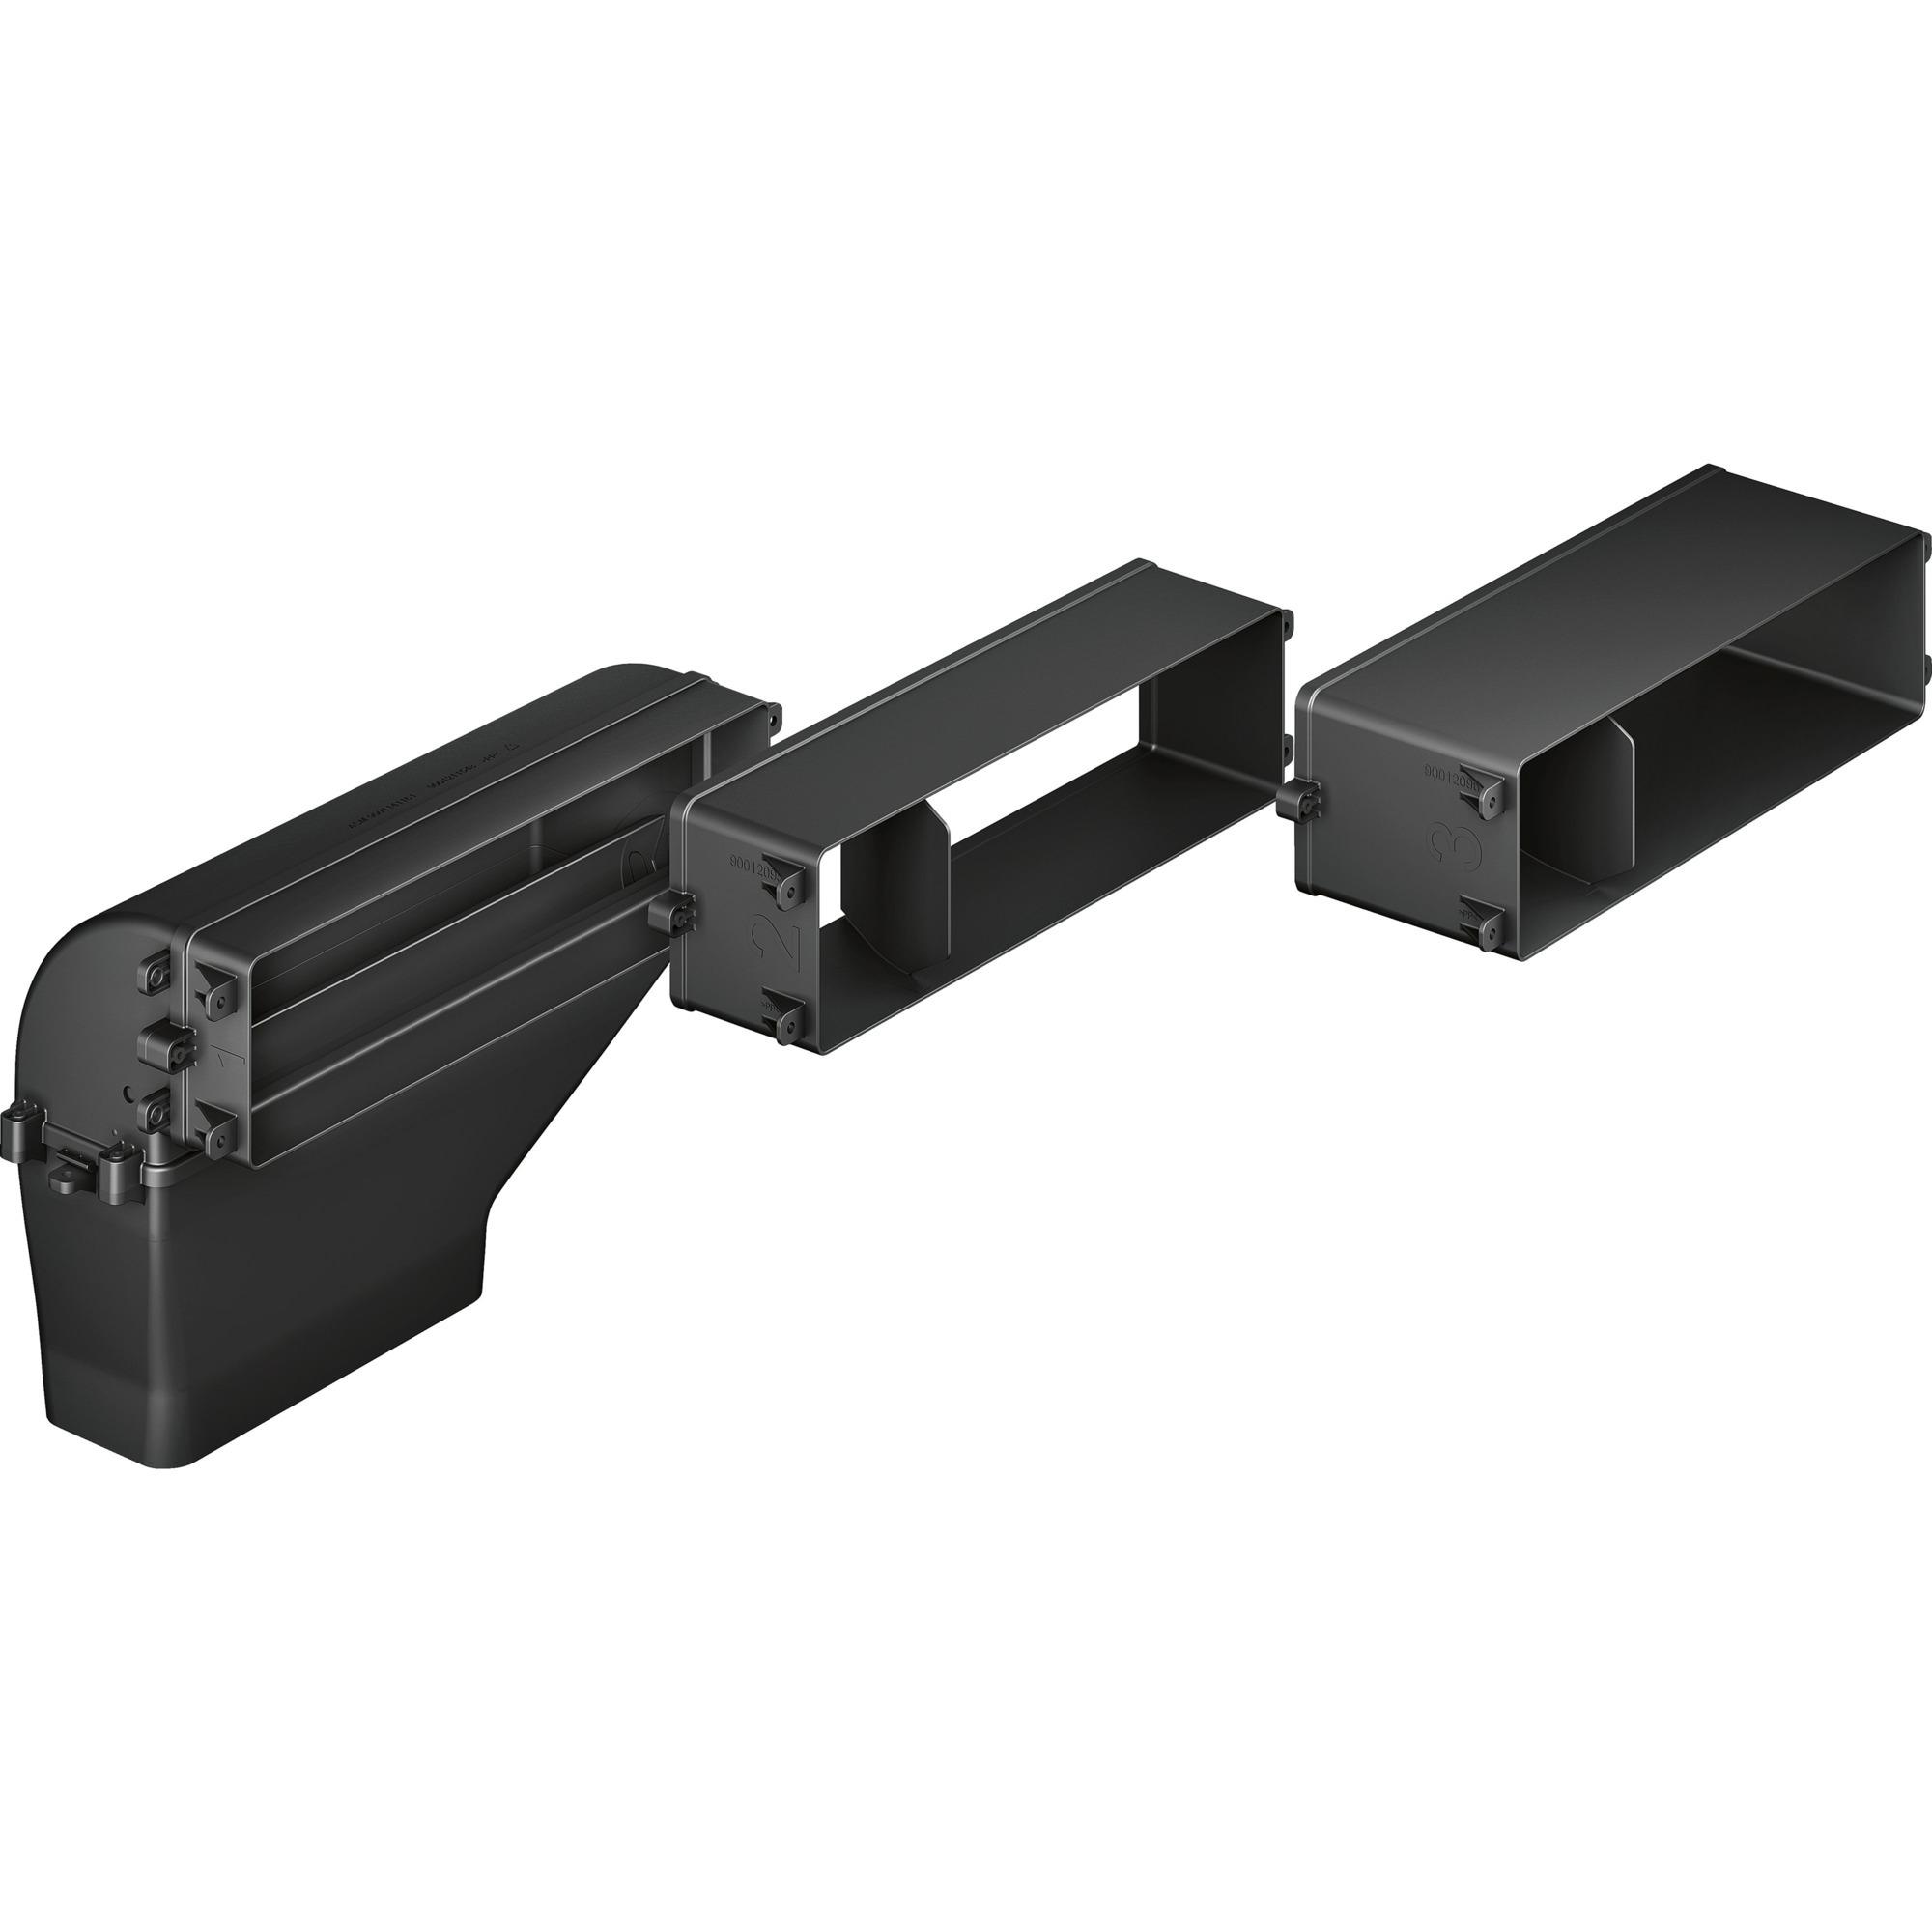 HZ381401 accesorio para campana de estufa Set de recirculación de aire para campana extractora, Set de modificación